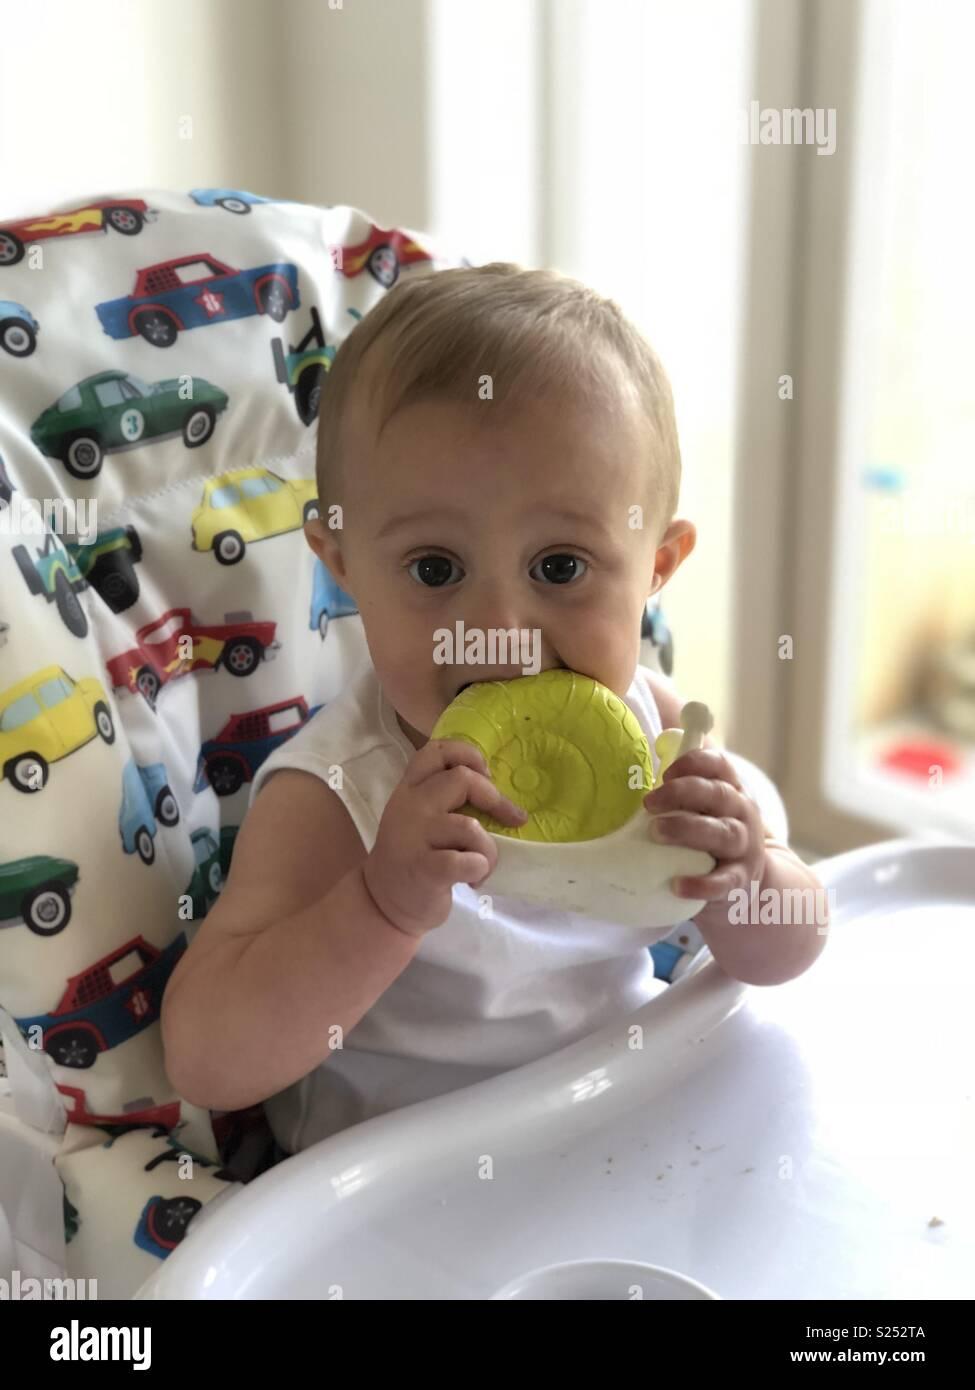 Teething baby boy Stock Photo